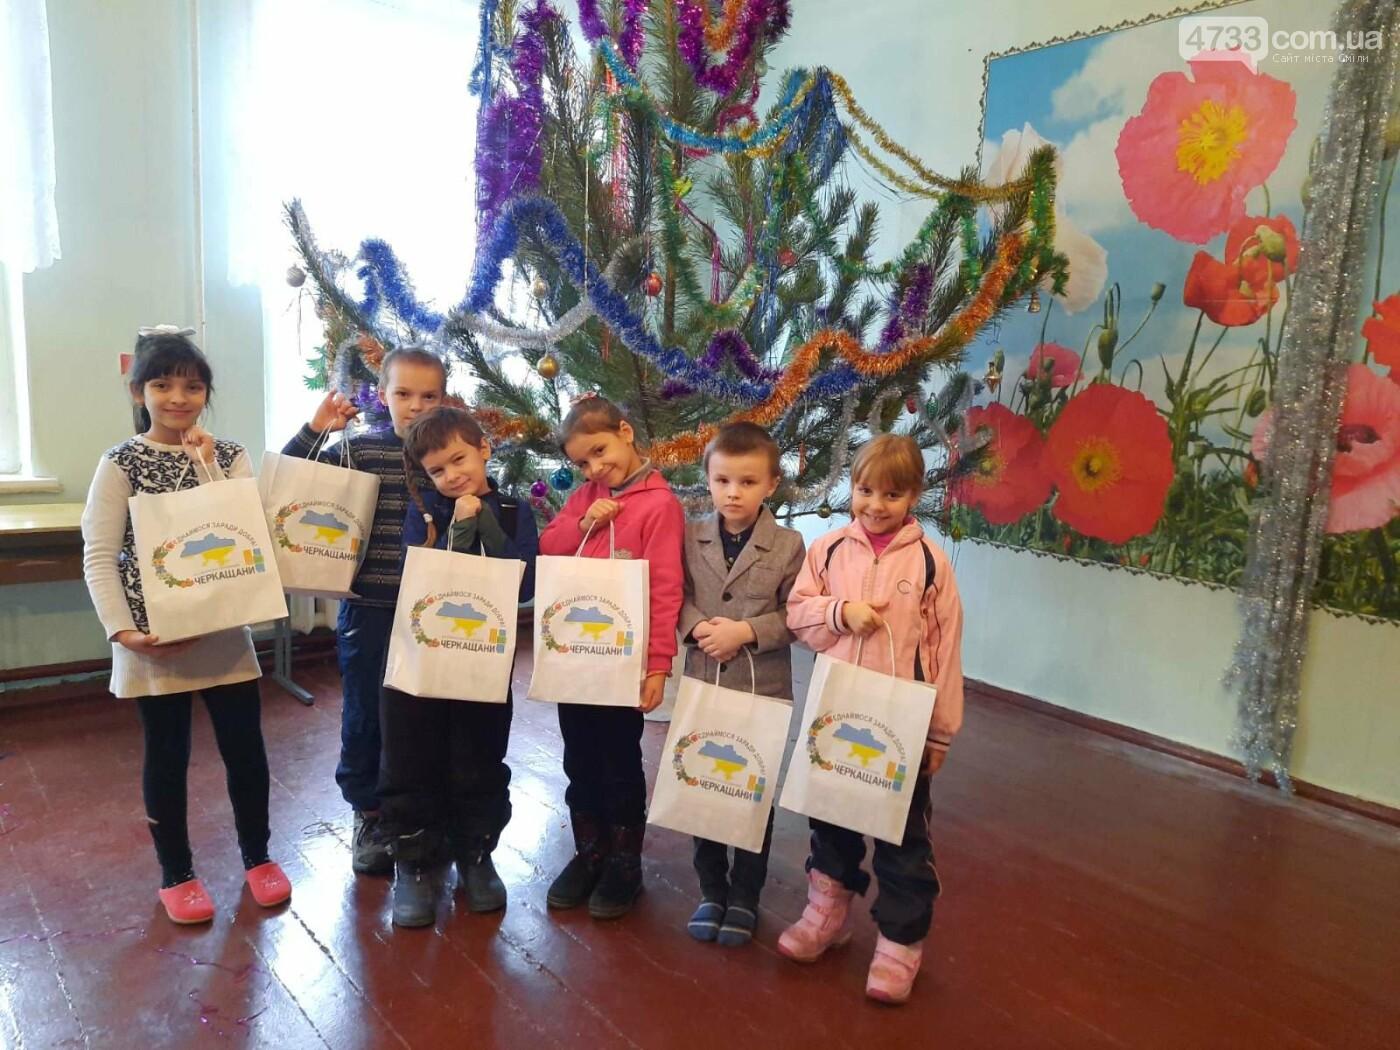 Плескачівських школярів привітали з новорічними святами, фото-1, ВО Черкащани